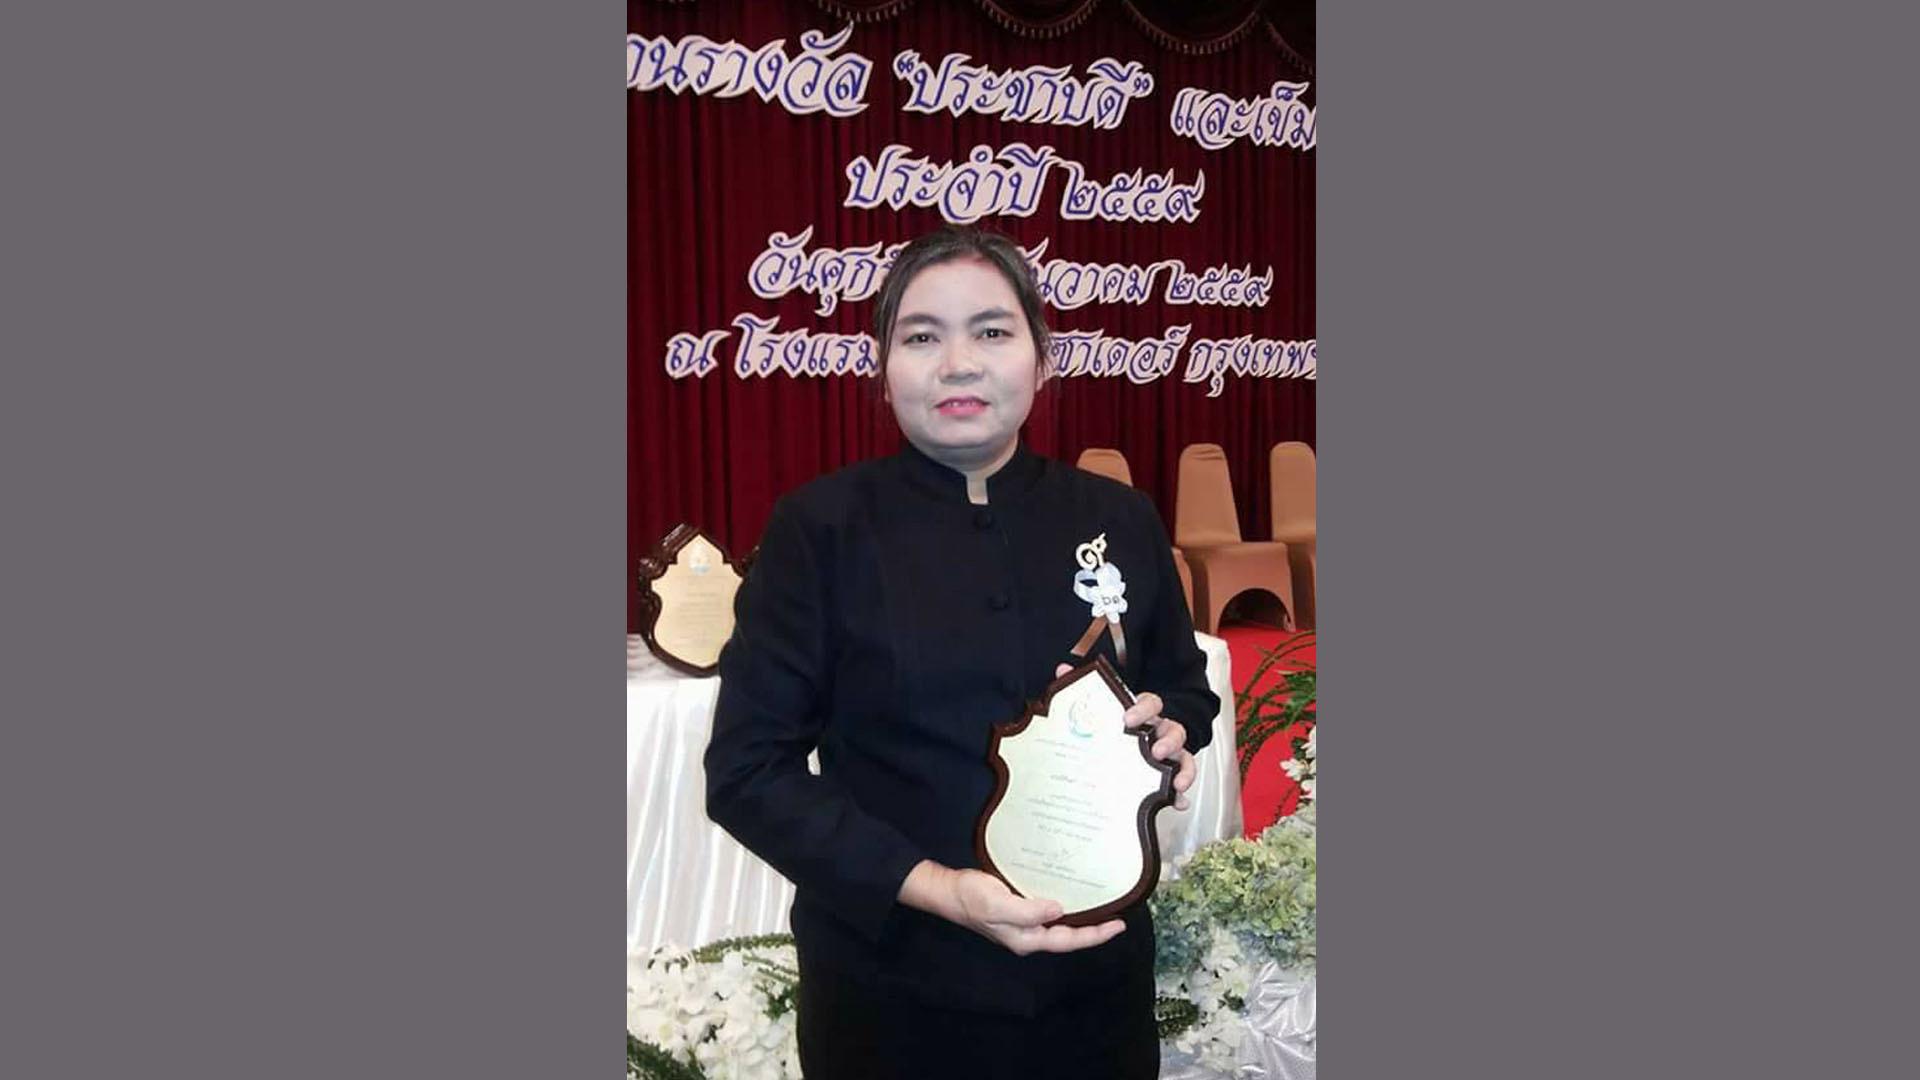 VOA Burmese reporter receives humanitarian award